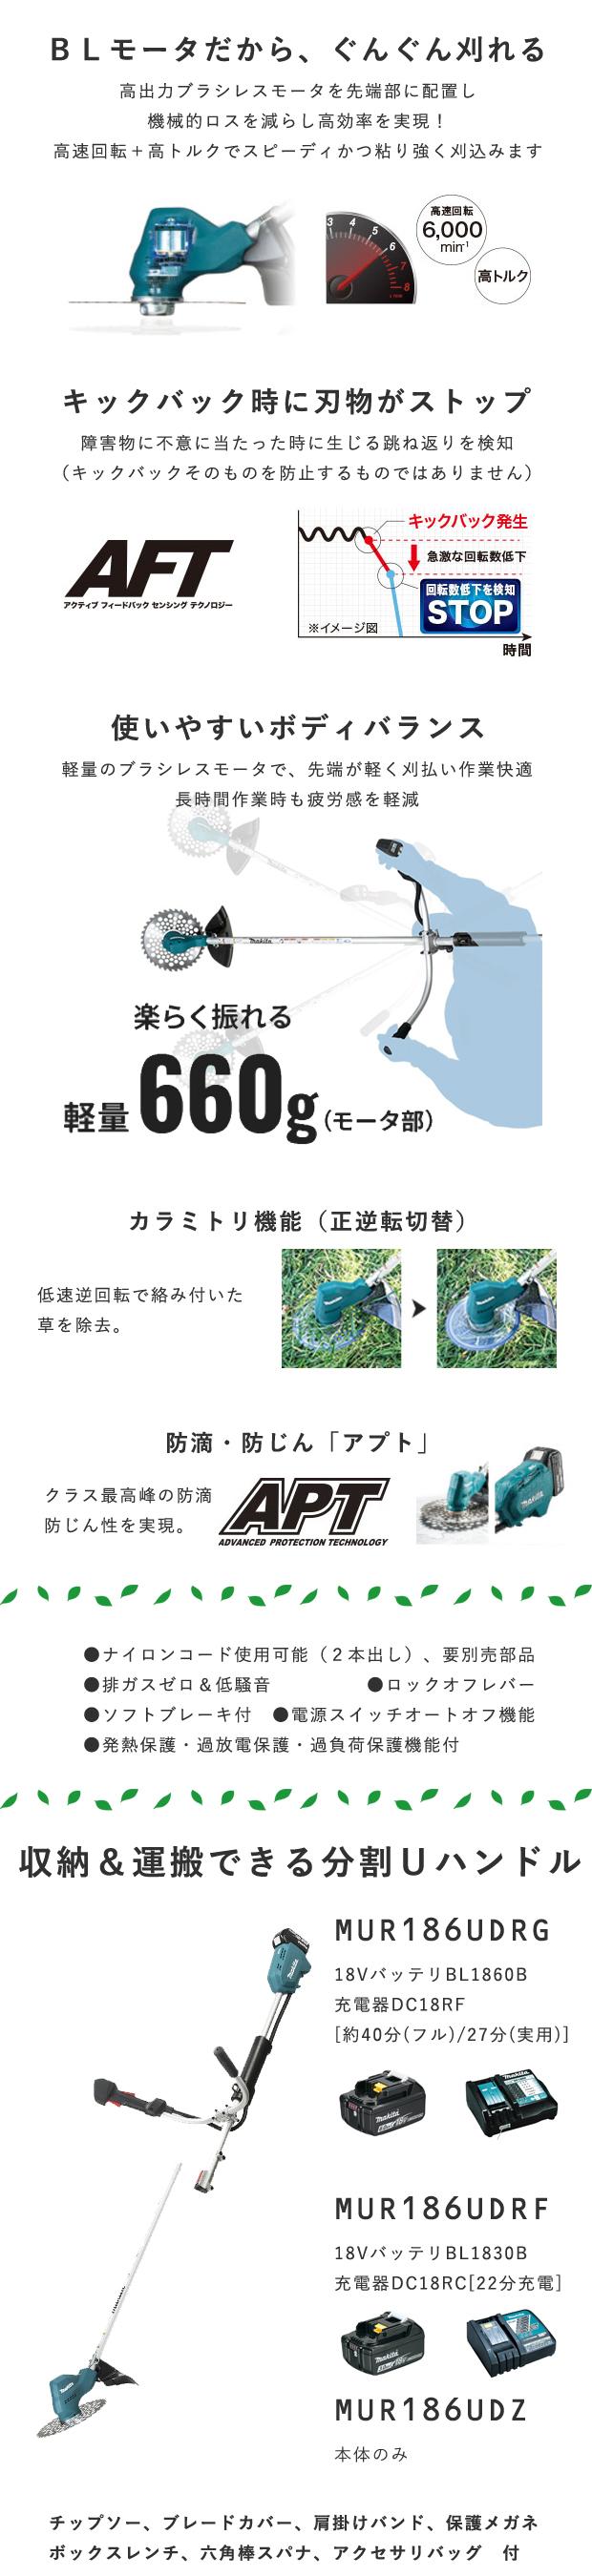 マキタ 18V 充電式草刈機 [分割・Uハンドル] MUR186UD